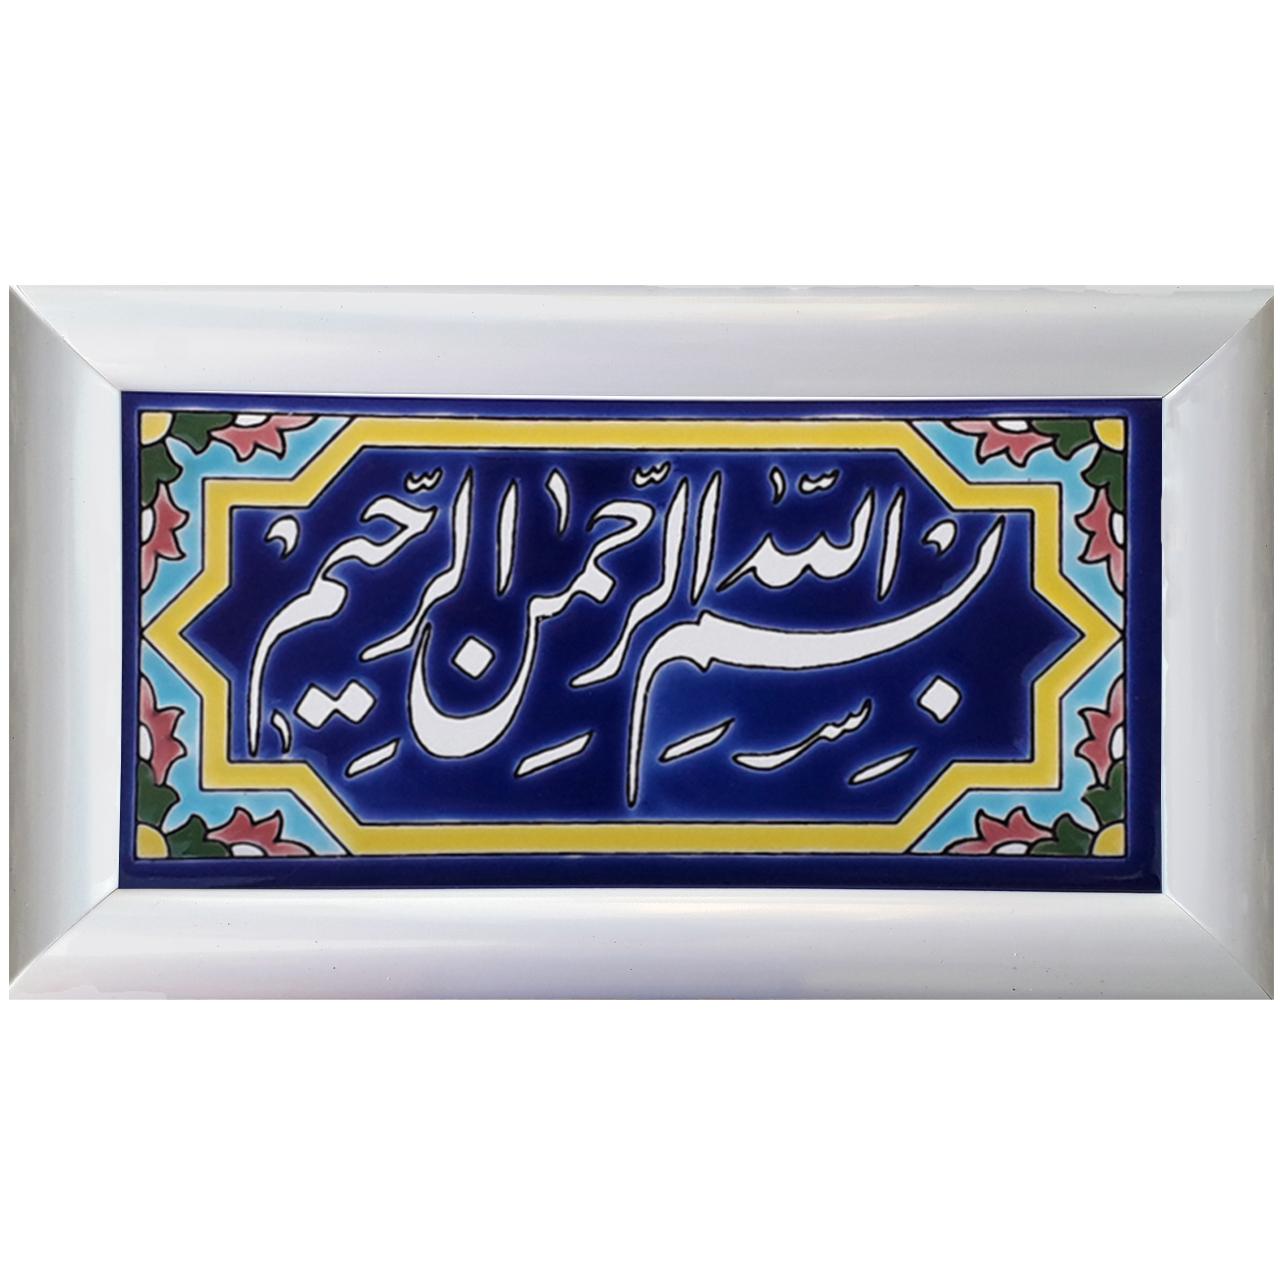 تابلو کاشی کاری طرح بسم الله کد 0035